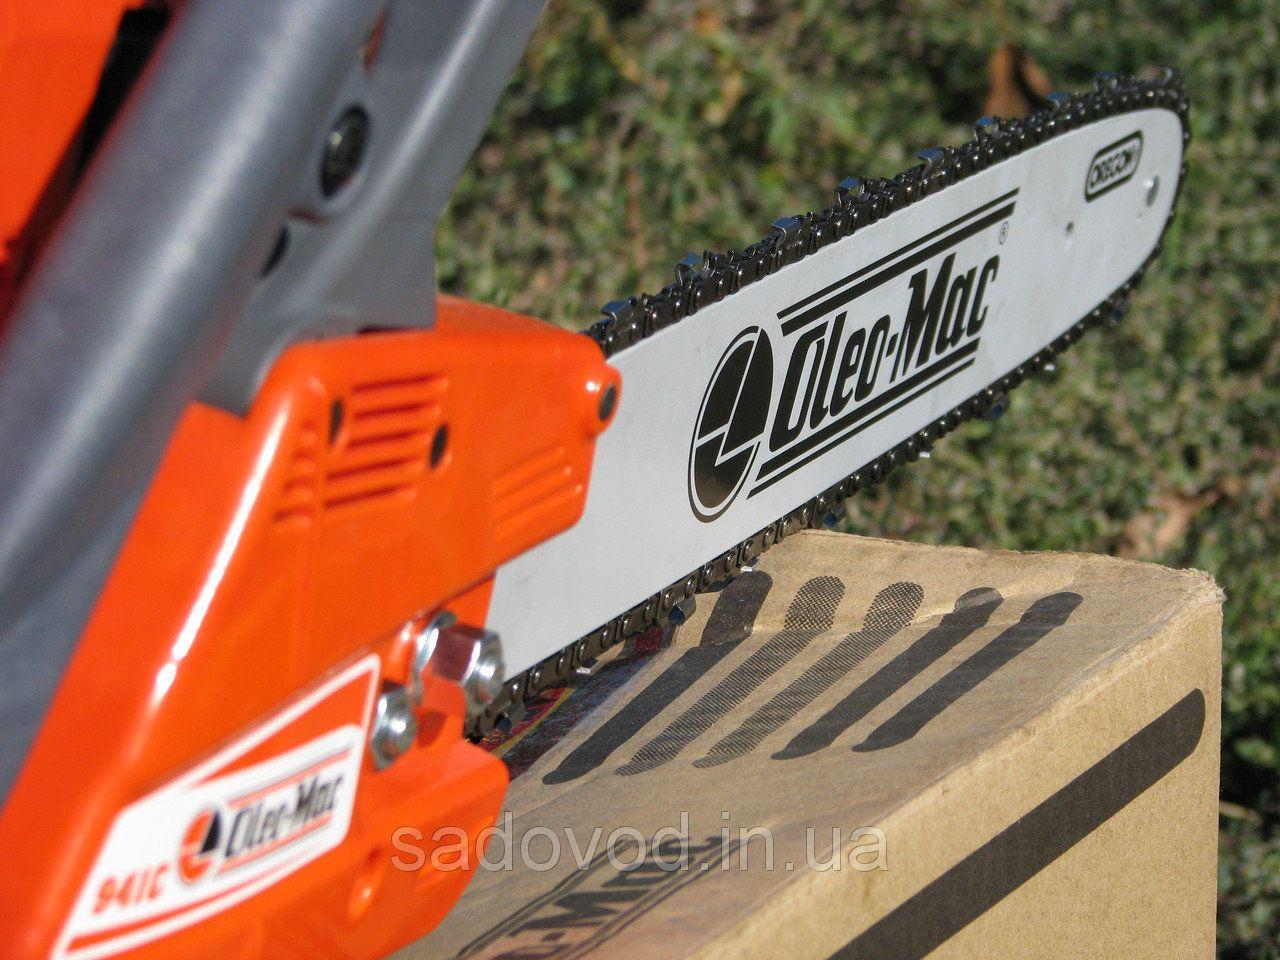 Бензопила oleo-mac 941 c-16 - описание модели, характеристики, отзывы